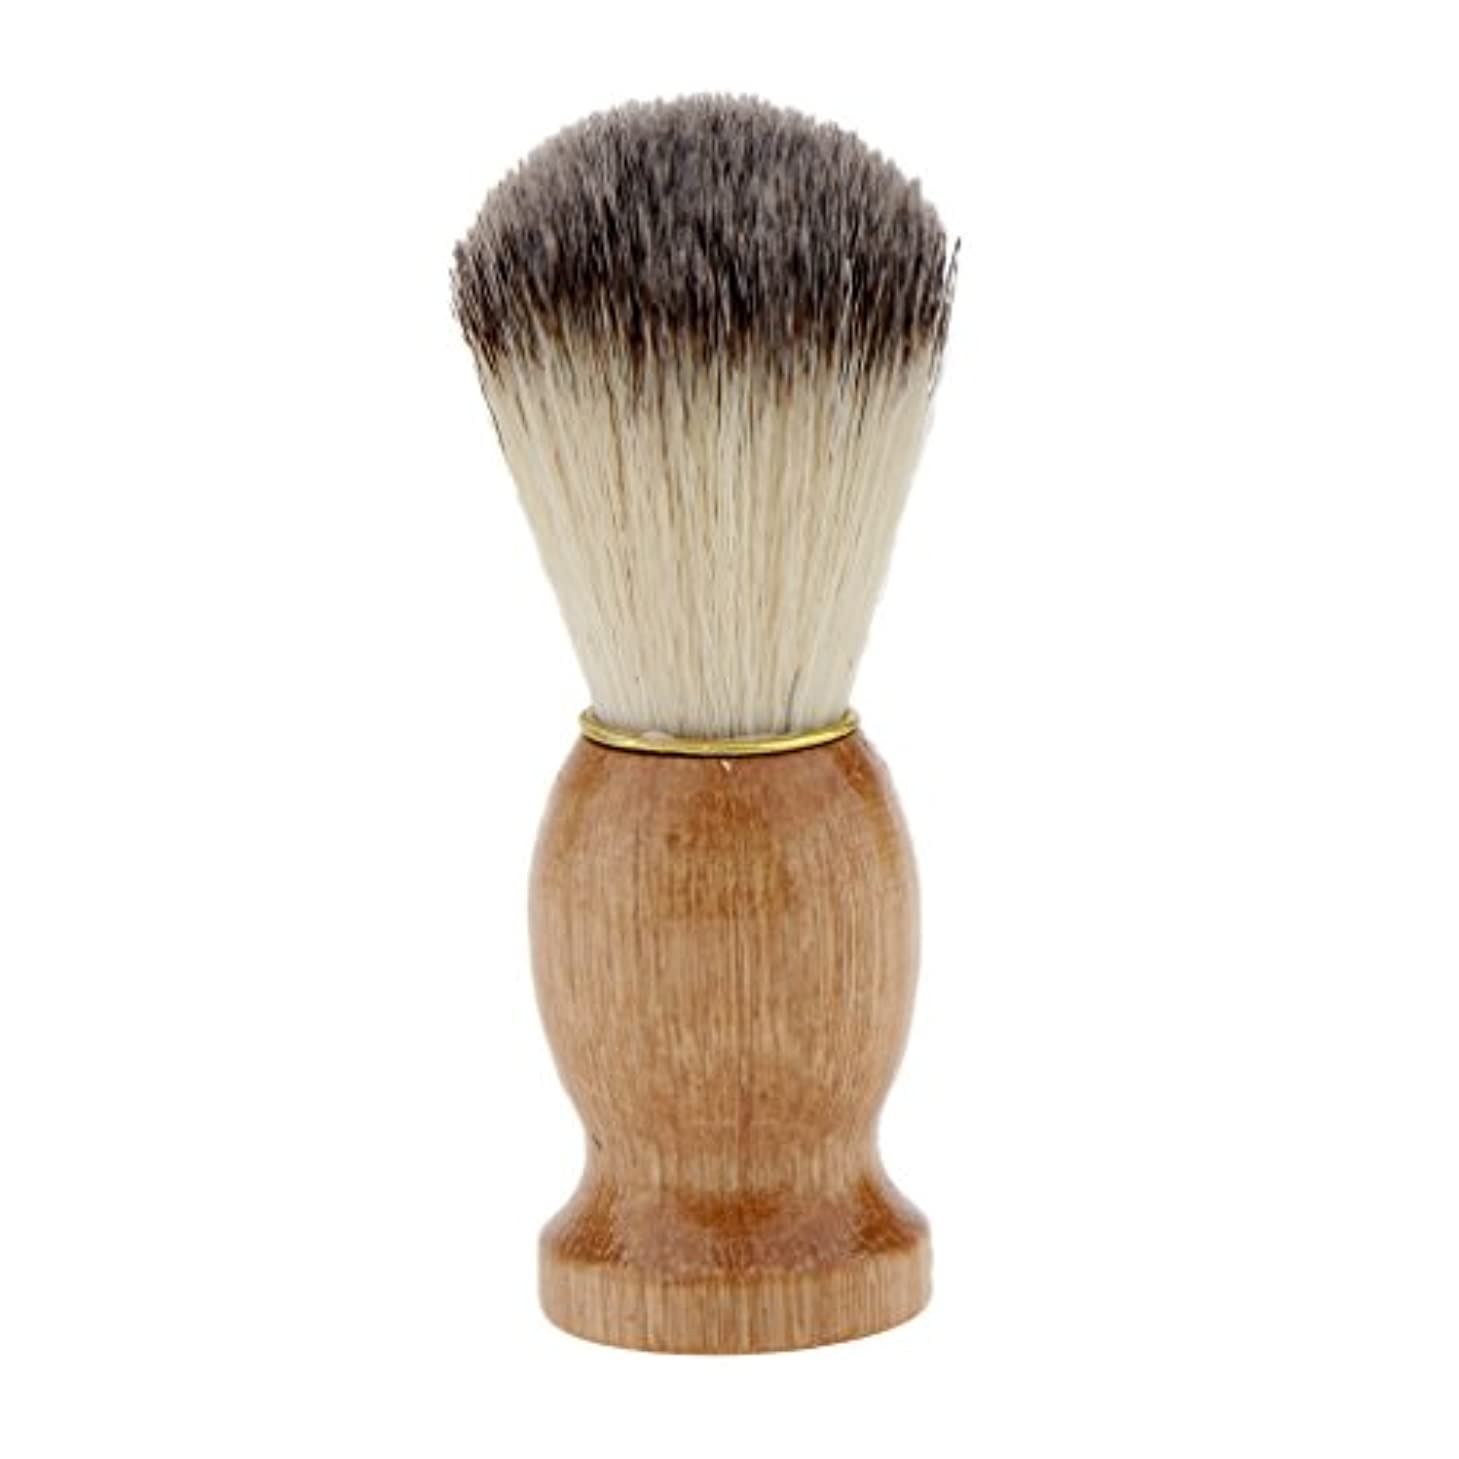 薬を飲むコンクリート憂鬱CUTICATE シェービングブラシ 理容師 シェービングブラシ ひげ剃りブラシ コスメブラシ 木製ハンドル